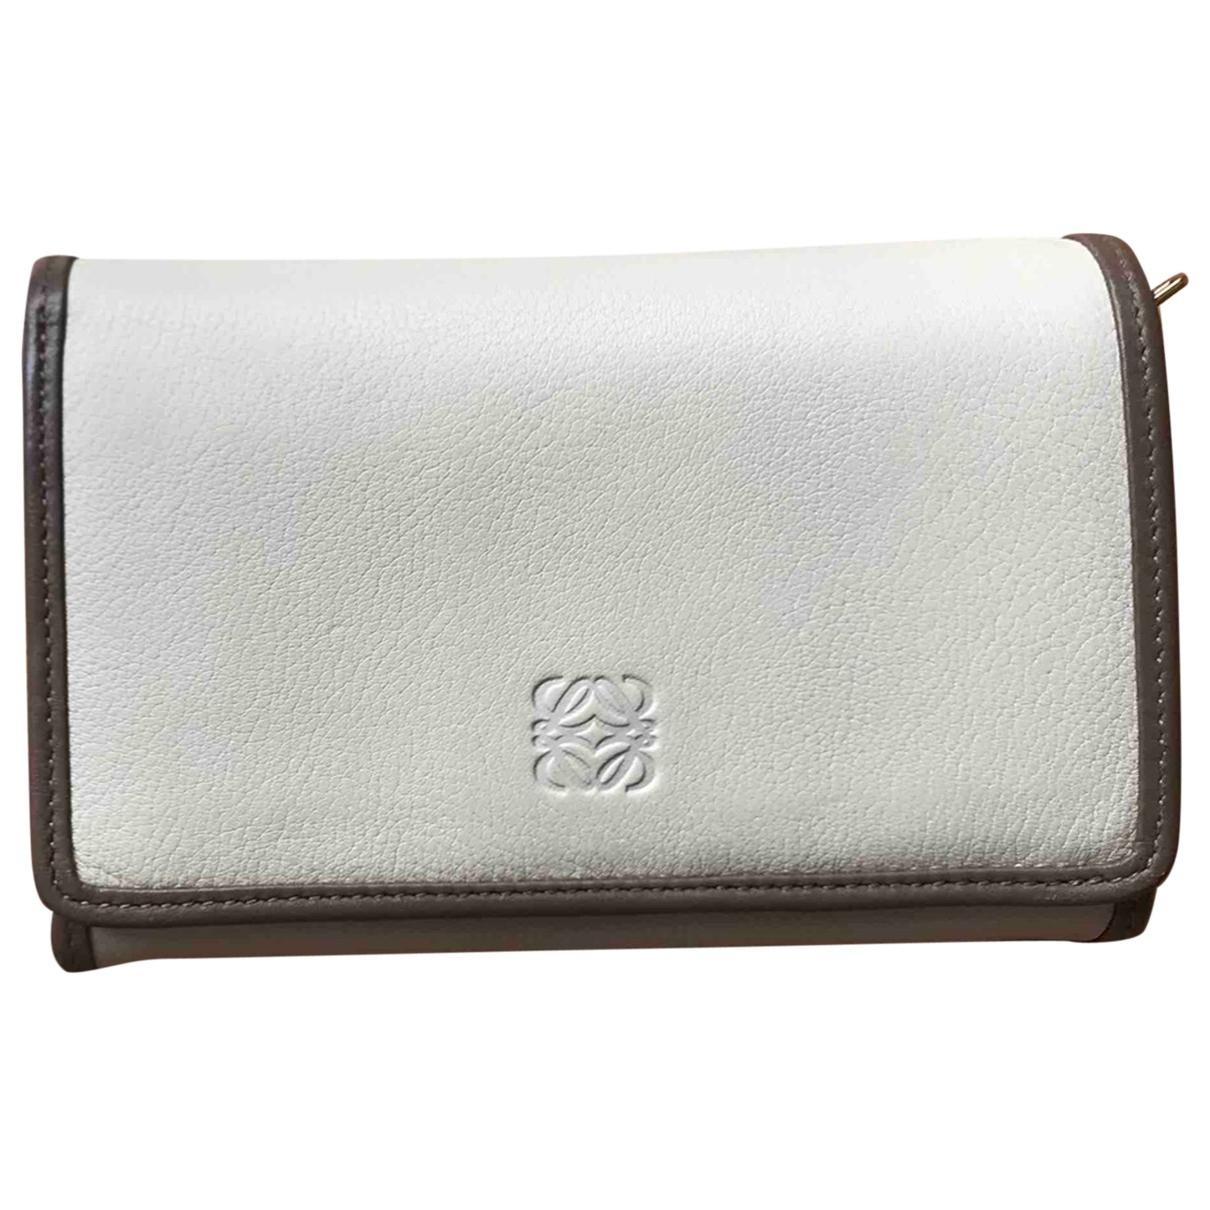 Loewe \N Portemonnaie in  Beige Leder